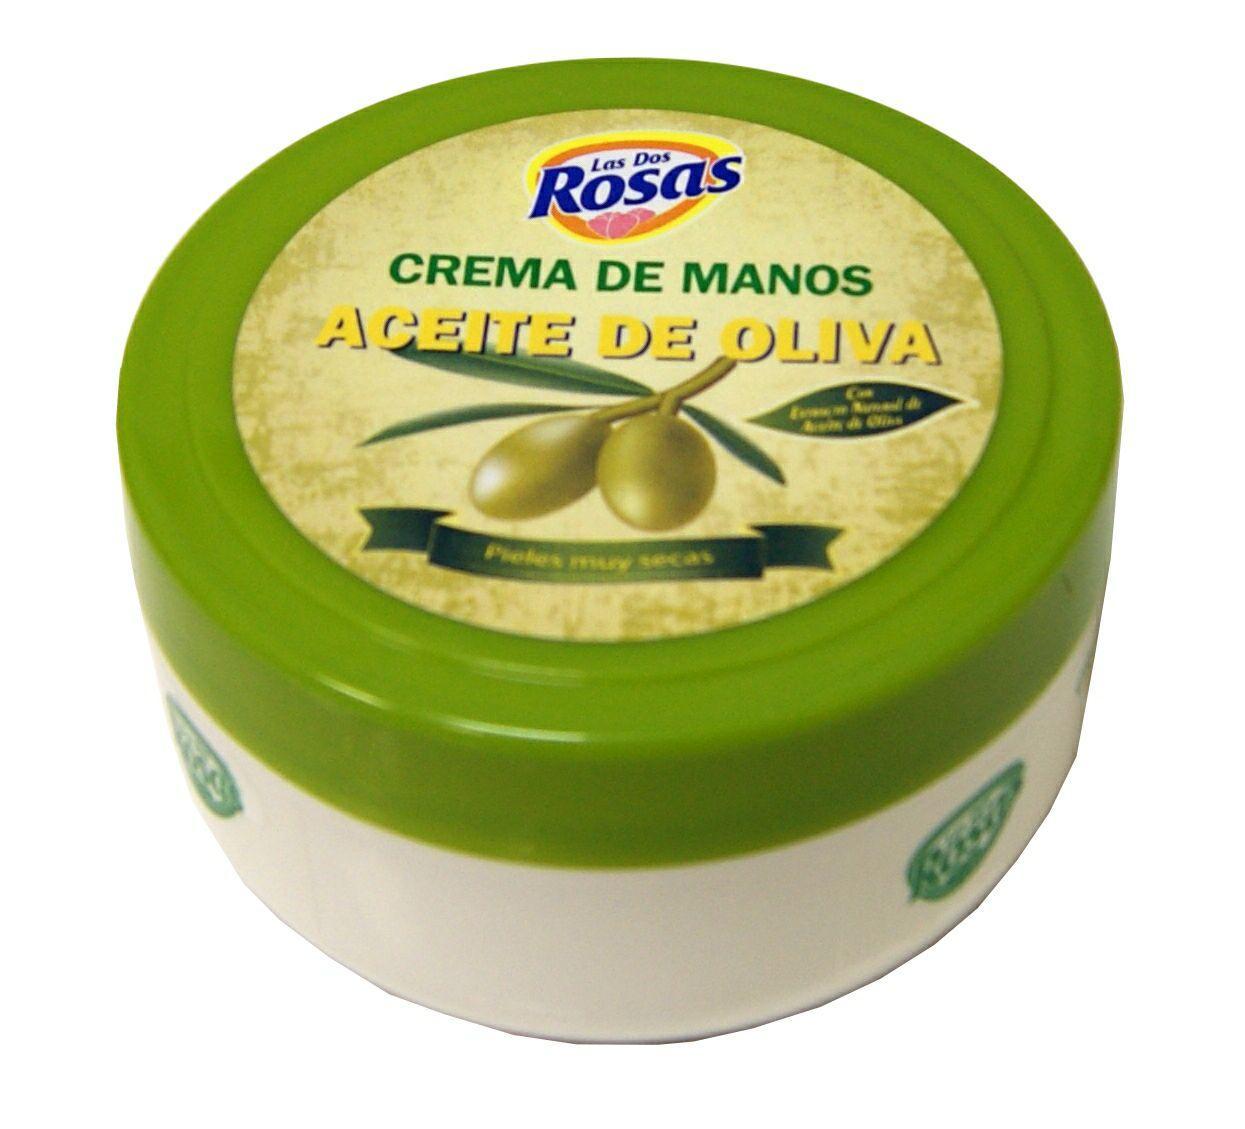 Las 2 Rosas Crema de Manos Oliva 200ml